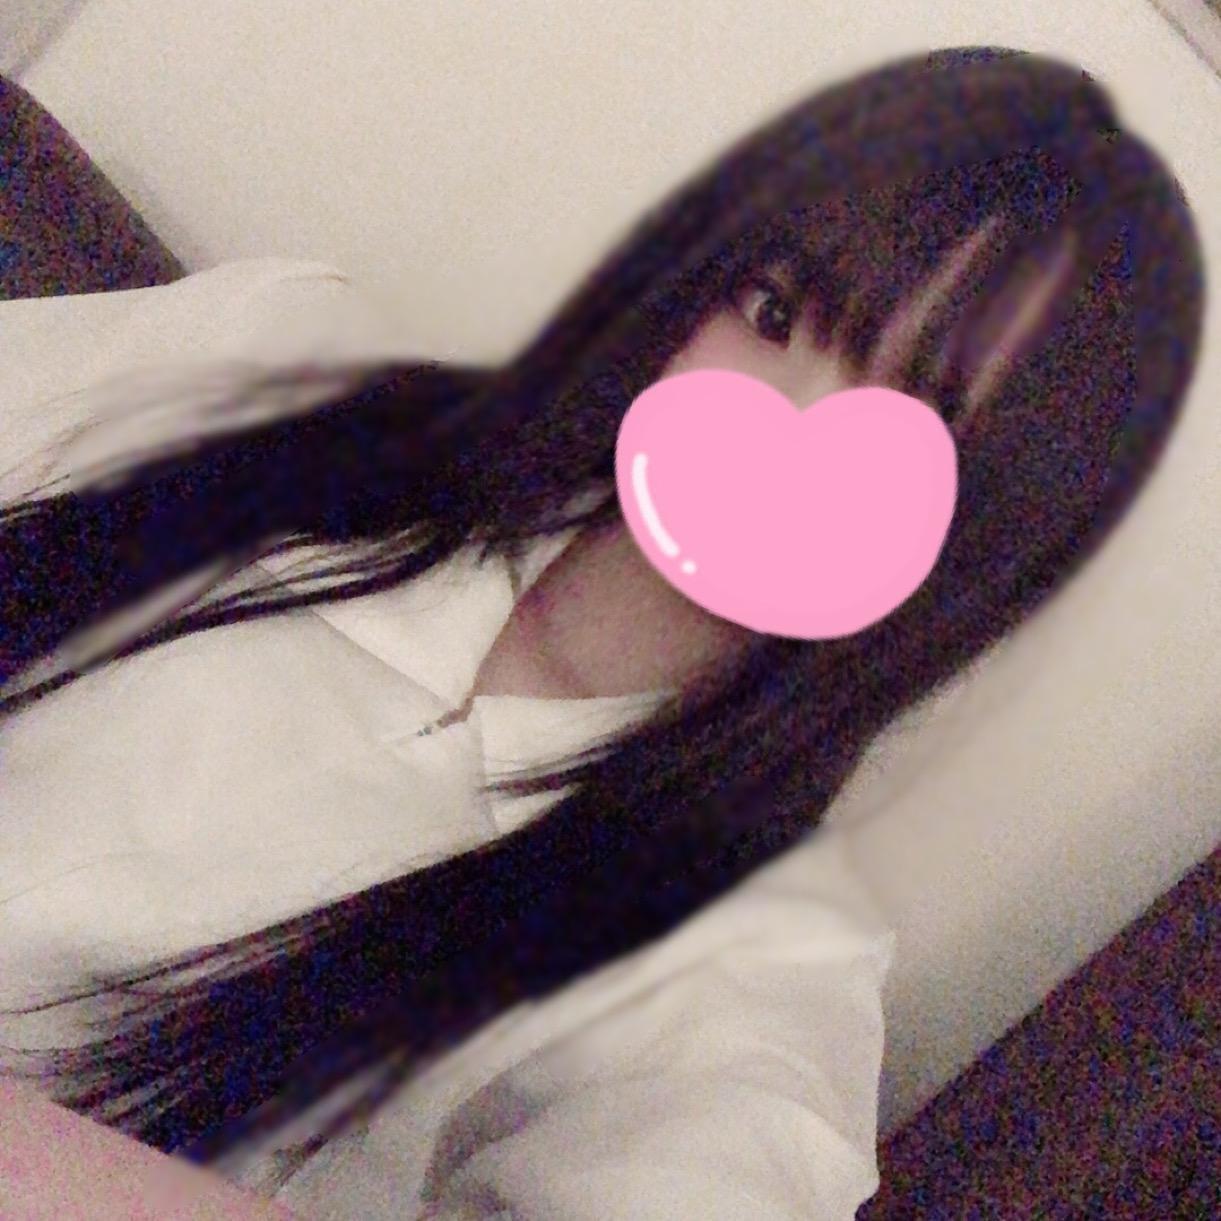 「今日のお礼」02/27(土) 23:46 | 心晴(このは)☆A-rankの写メ日記